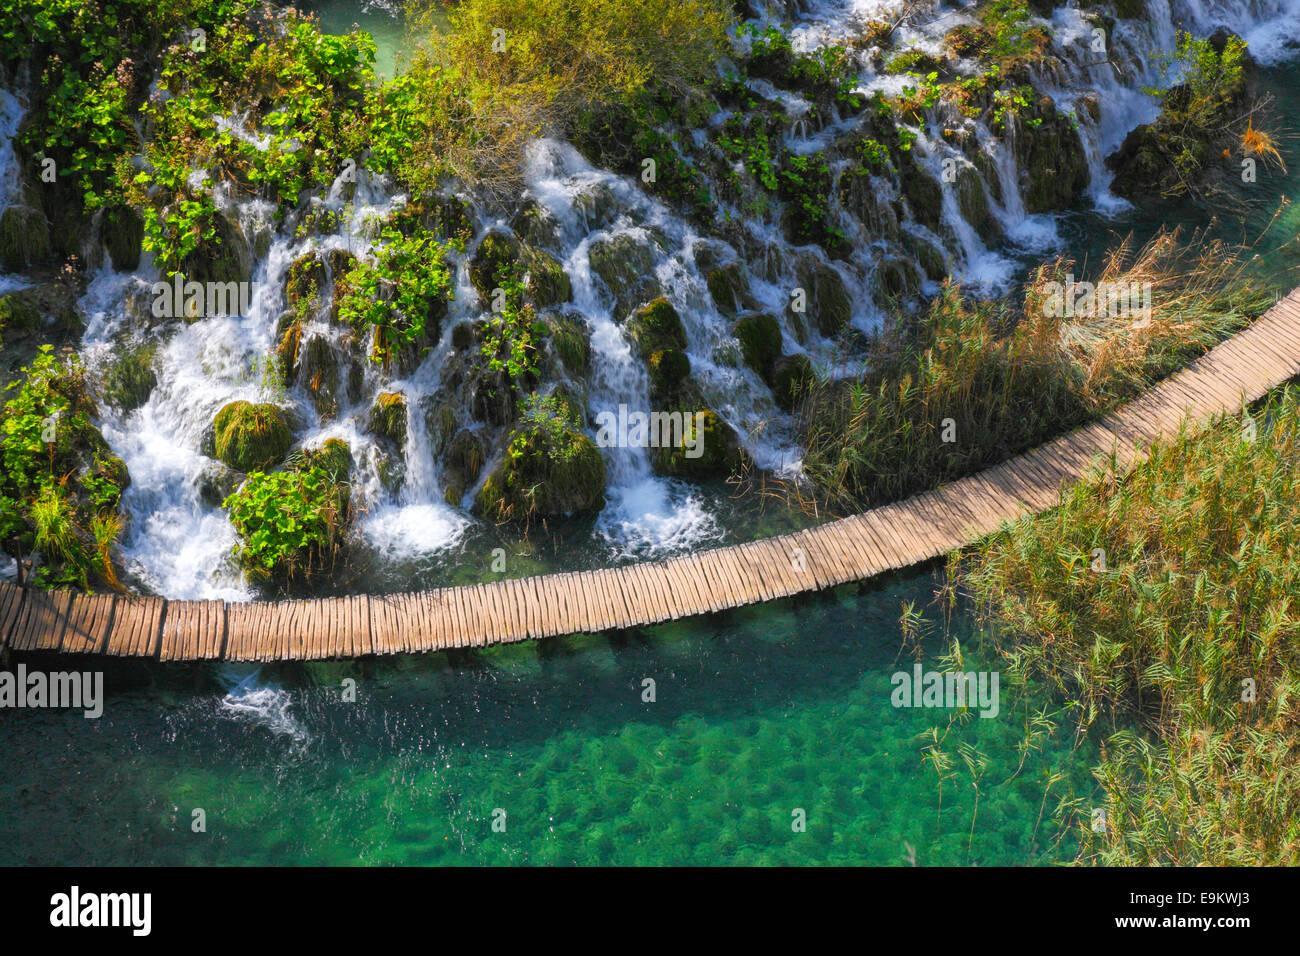 Parque nacional de los lagos de Plitvice, Croacia Imagen De Stock